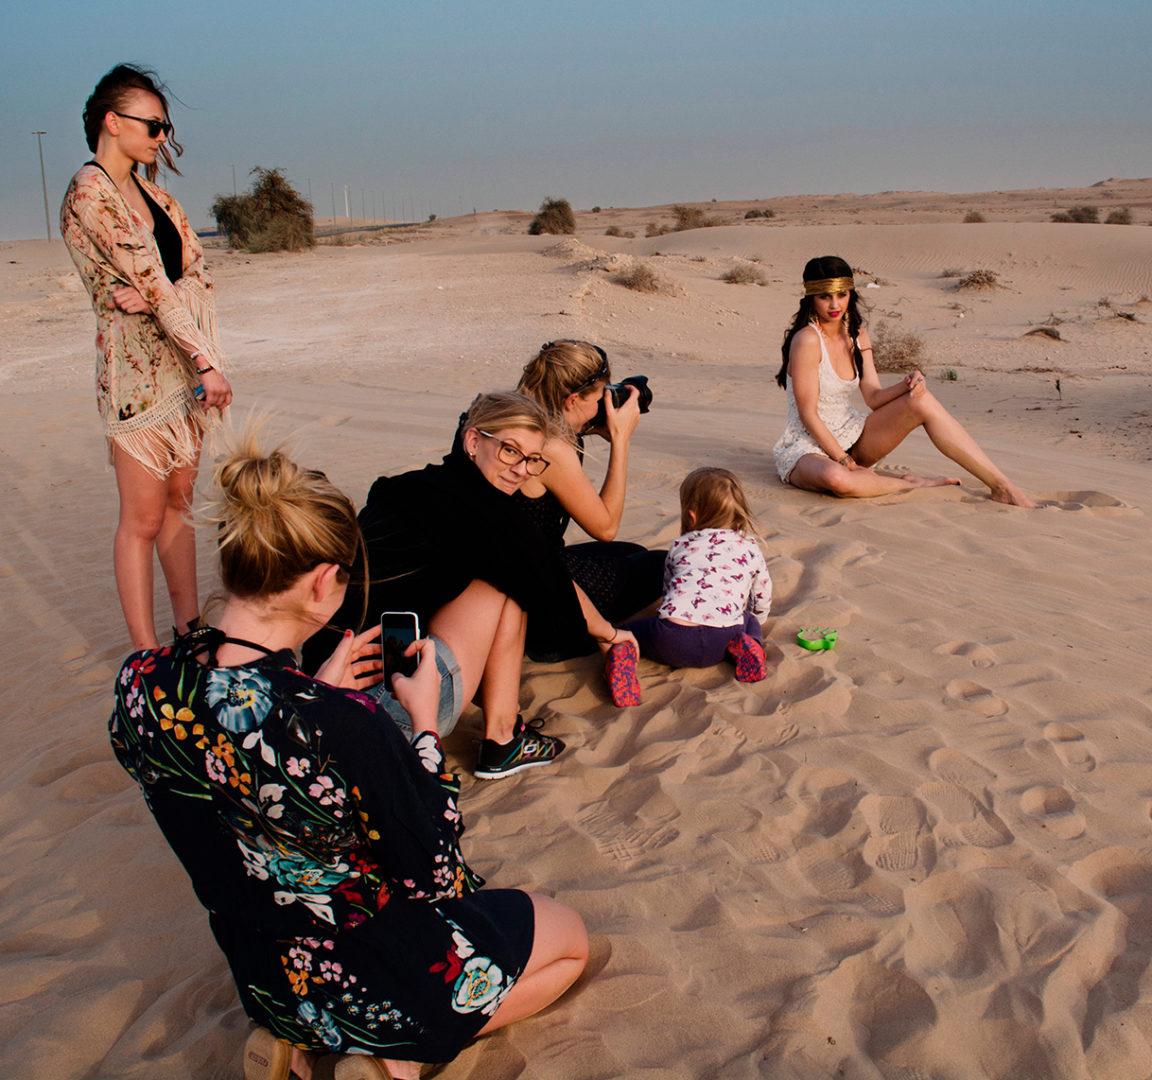 Objektiv fotograferar Mode plåtning av kvinna i öknen i Dubai